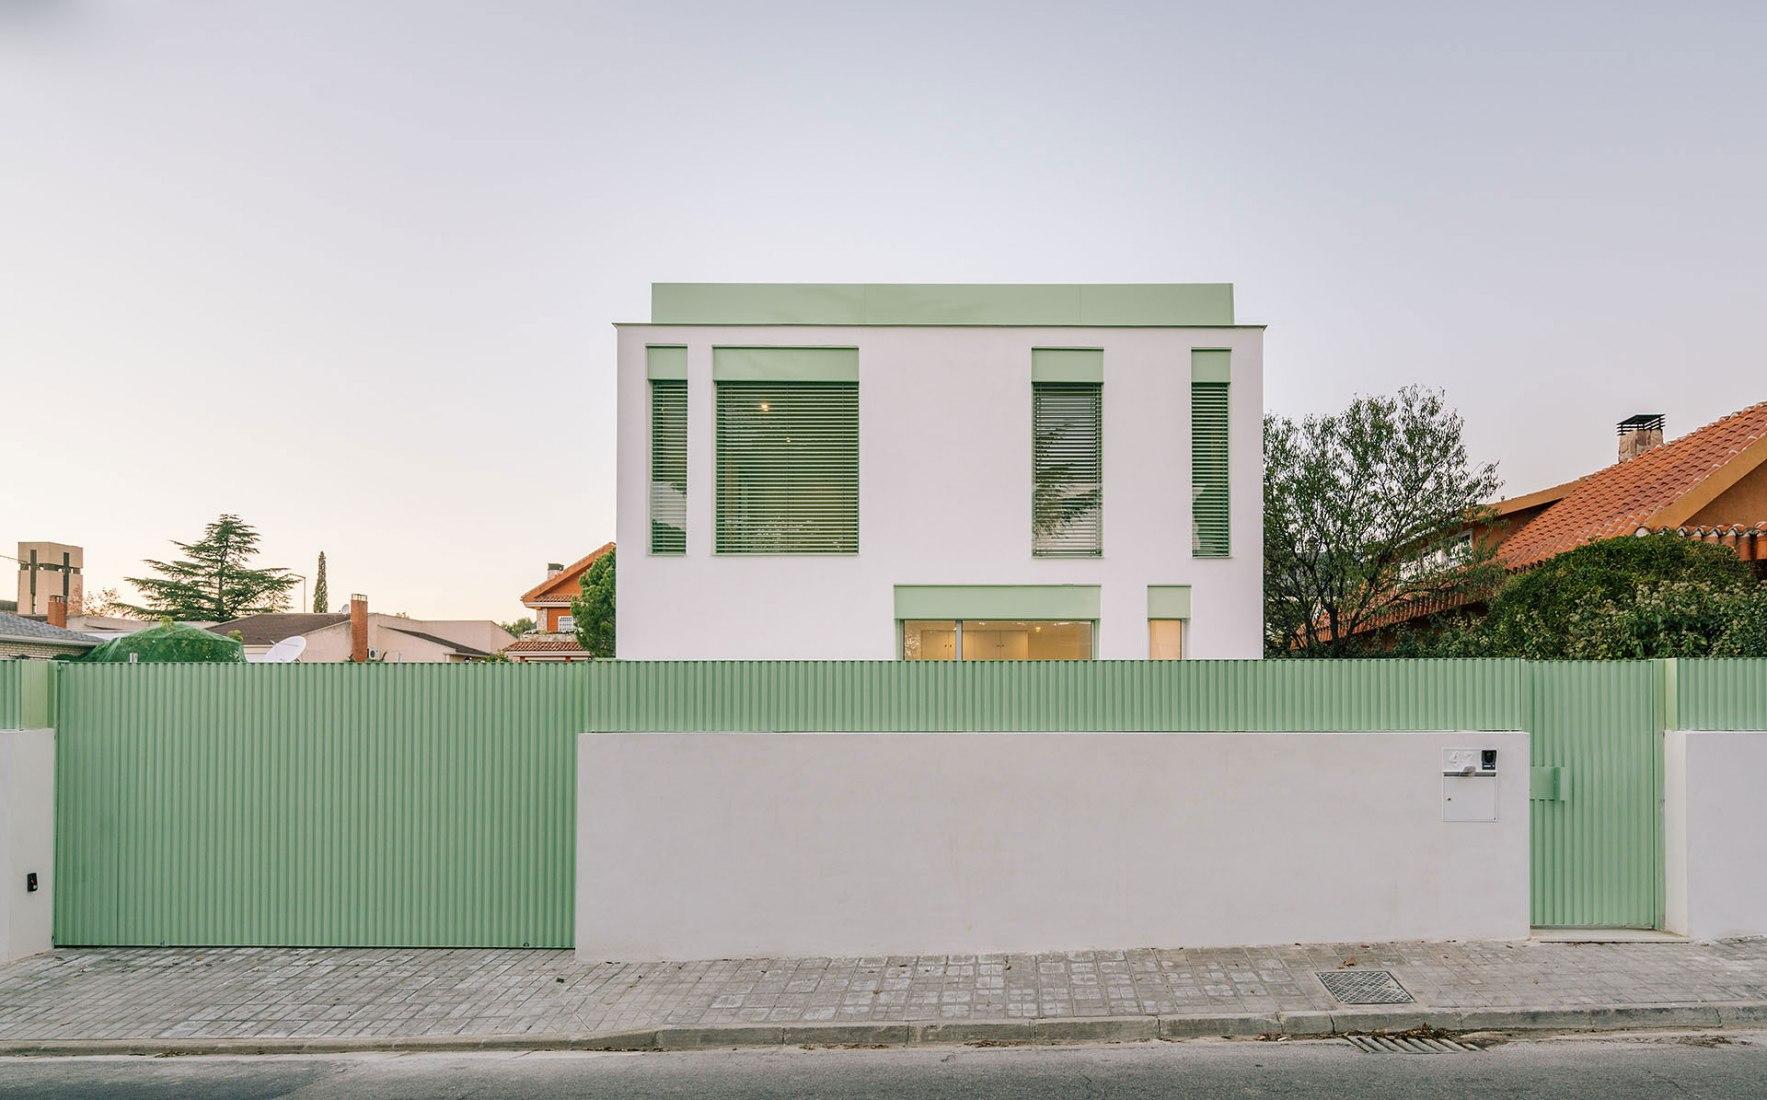 Casa Ninette por Arenas Basabe Palacios arquitectos. Fotografía © ImagenSubliminal (Miguel de Guzmán + Rocío Romero)